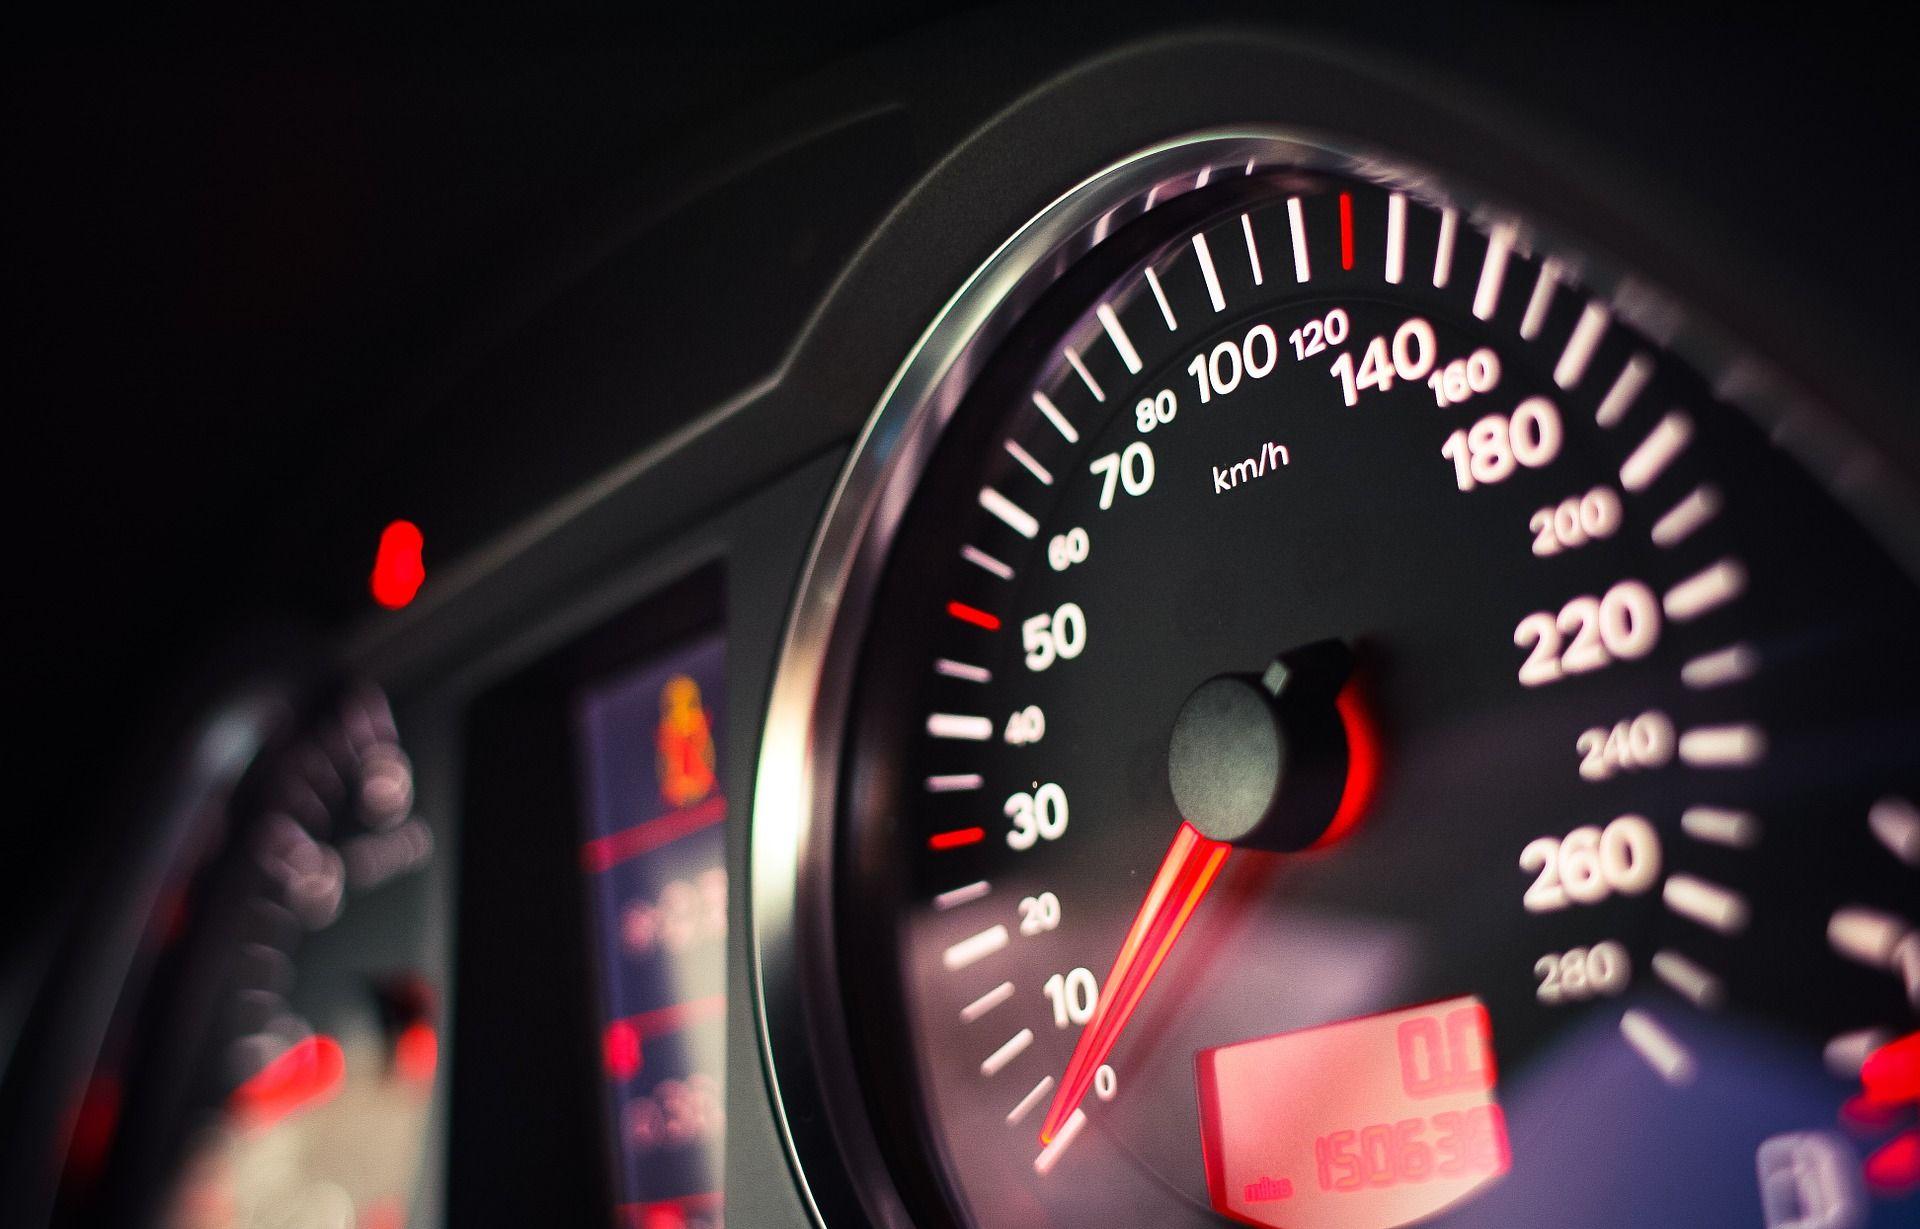 (PRE)BRZI SLOVENAC I IRAC Uhvaćeni na A1 pri brzini od 246 i 245 kilometara na sat